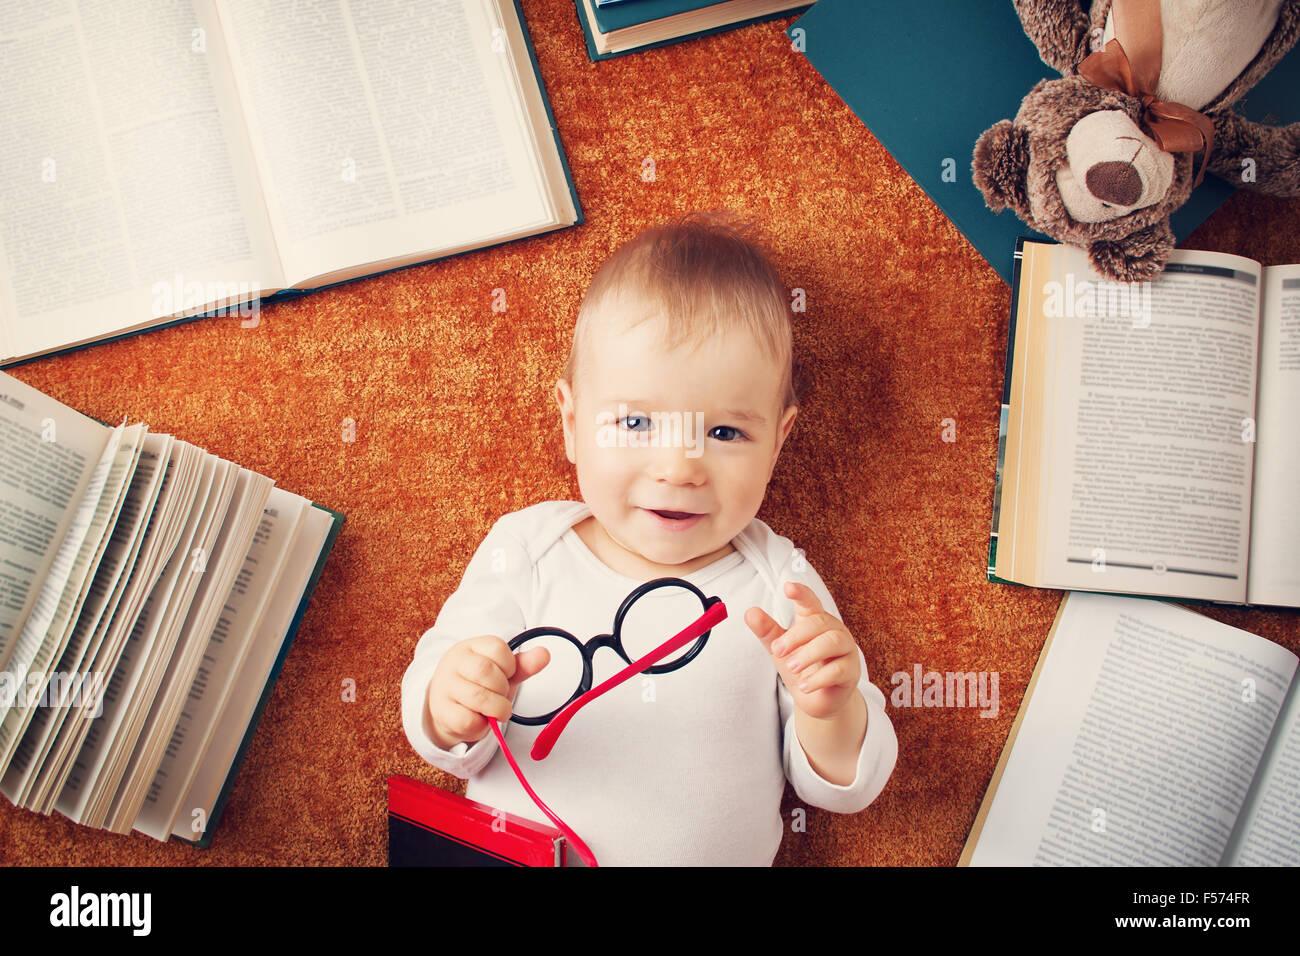 1 Jahr altes Baby mit Spectackles und ein Teddybär Stockbild